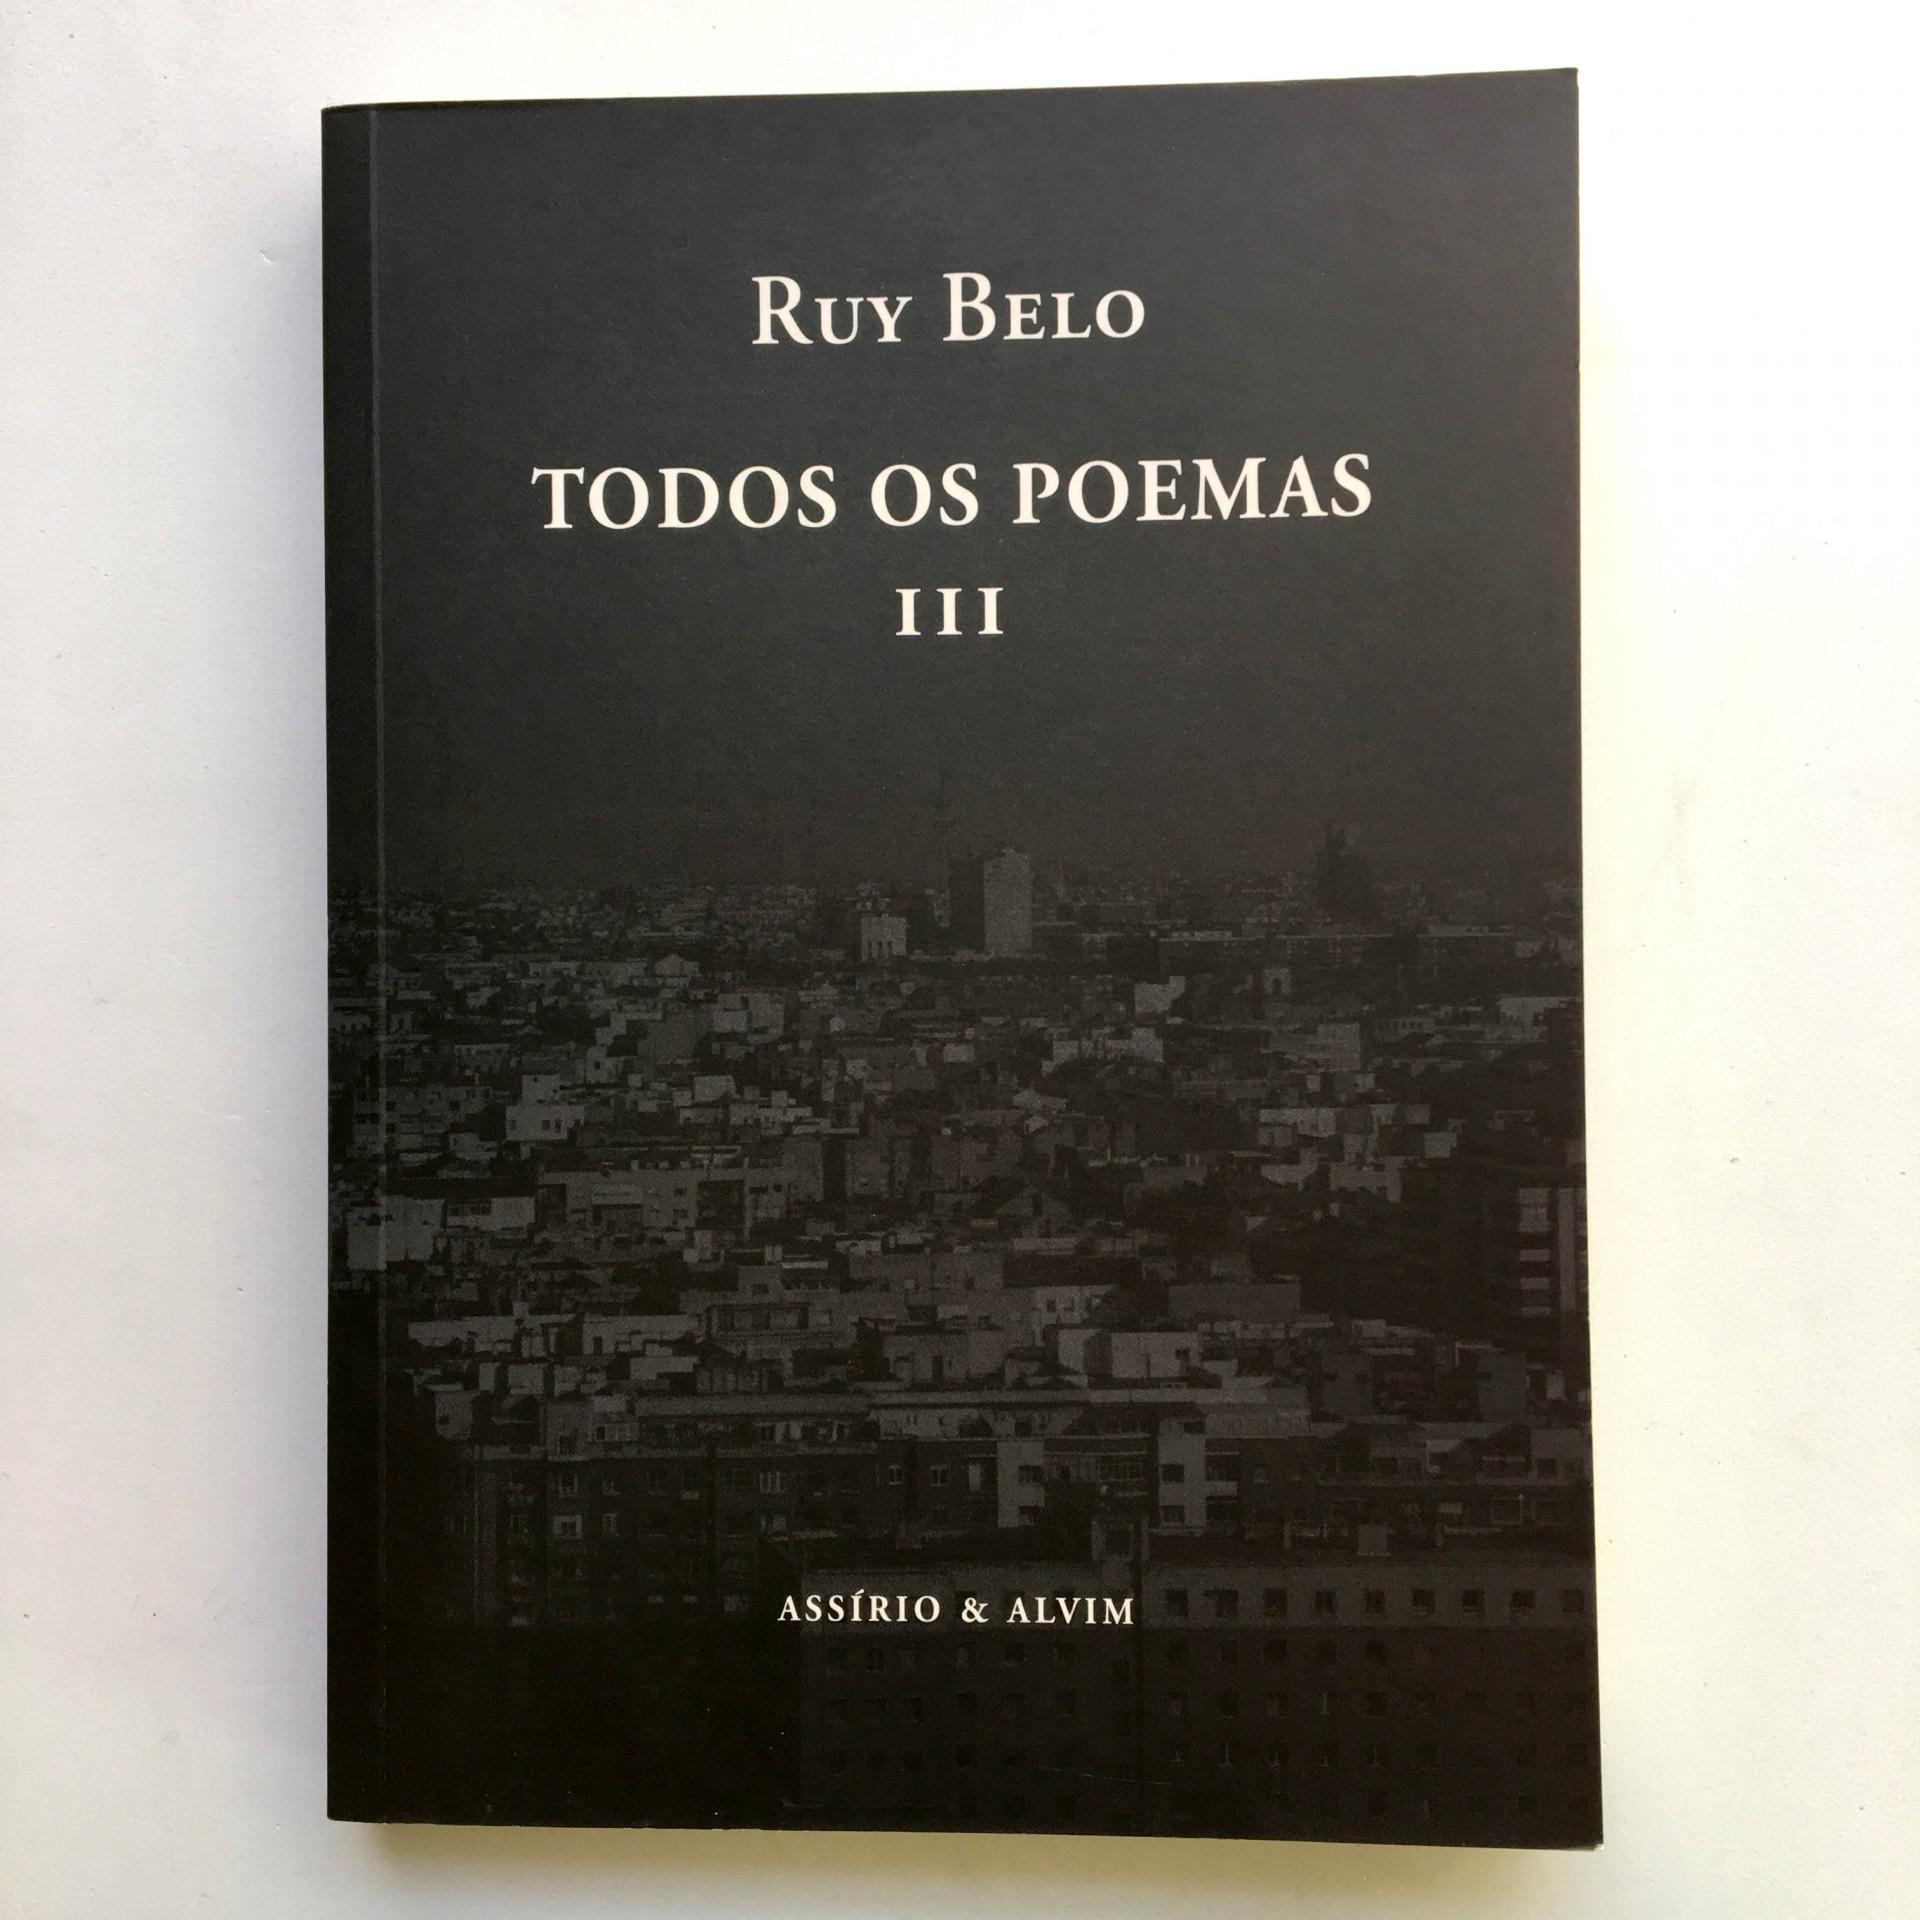 Todos os poemas III